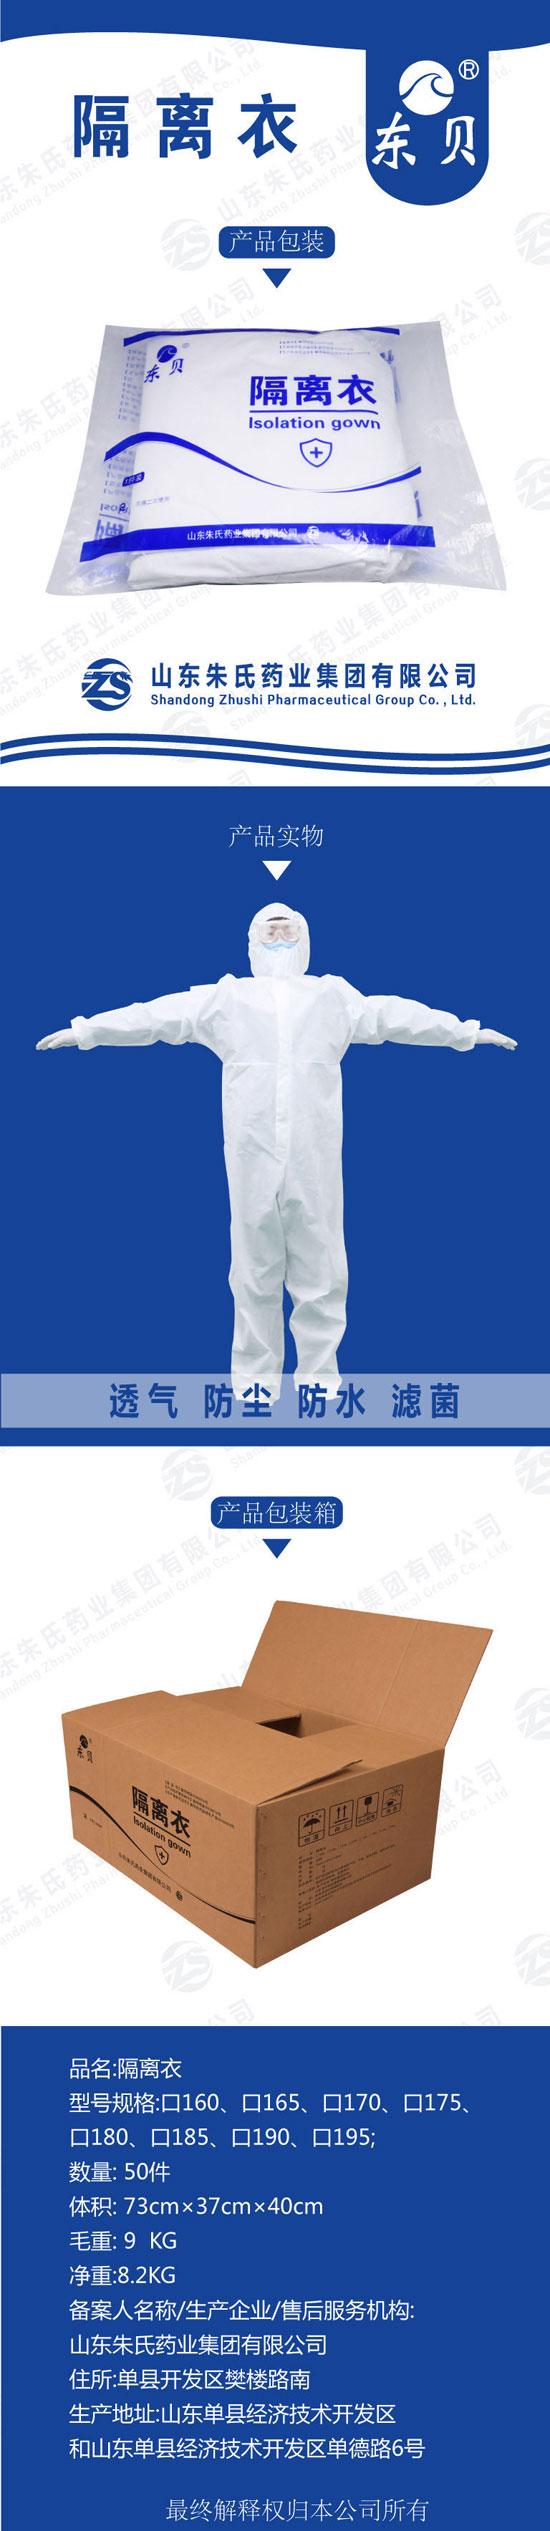 1168医药保健品网-【东贝隔离衣】招商代理彩页